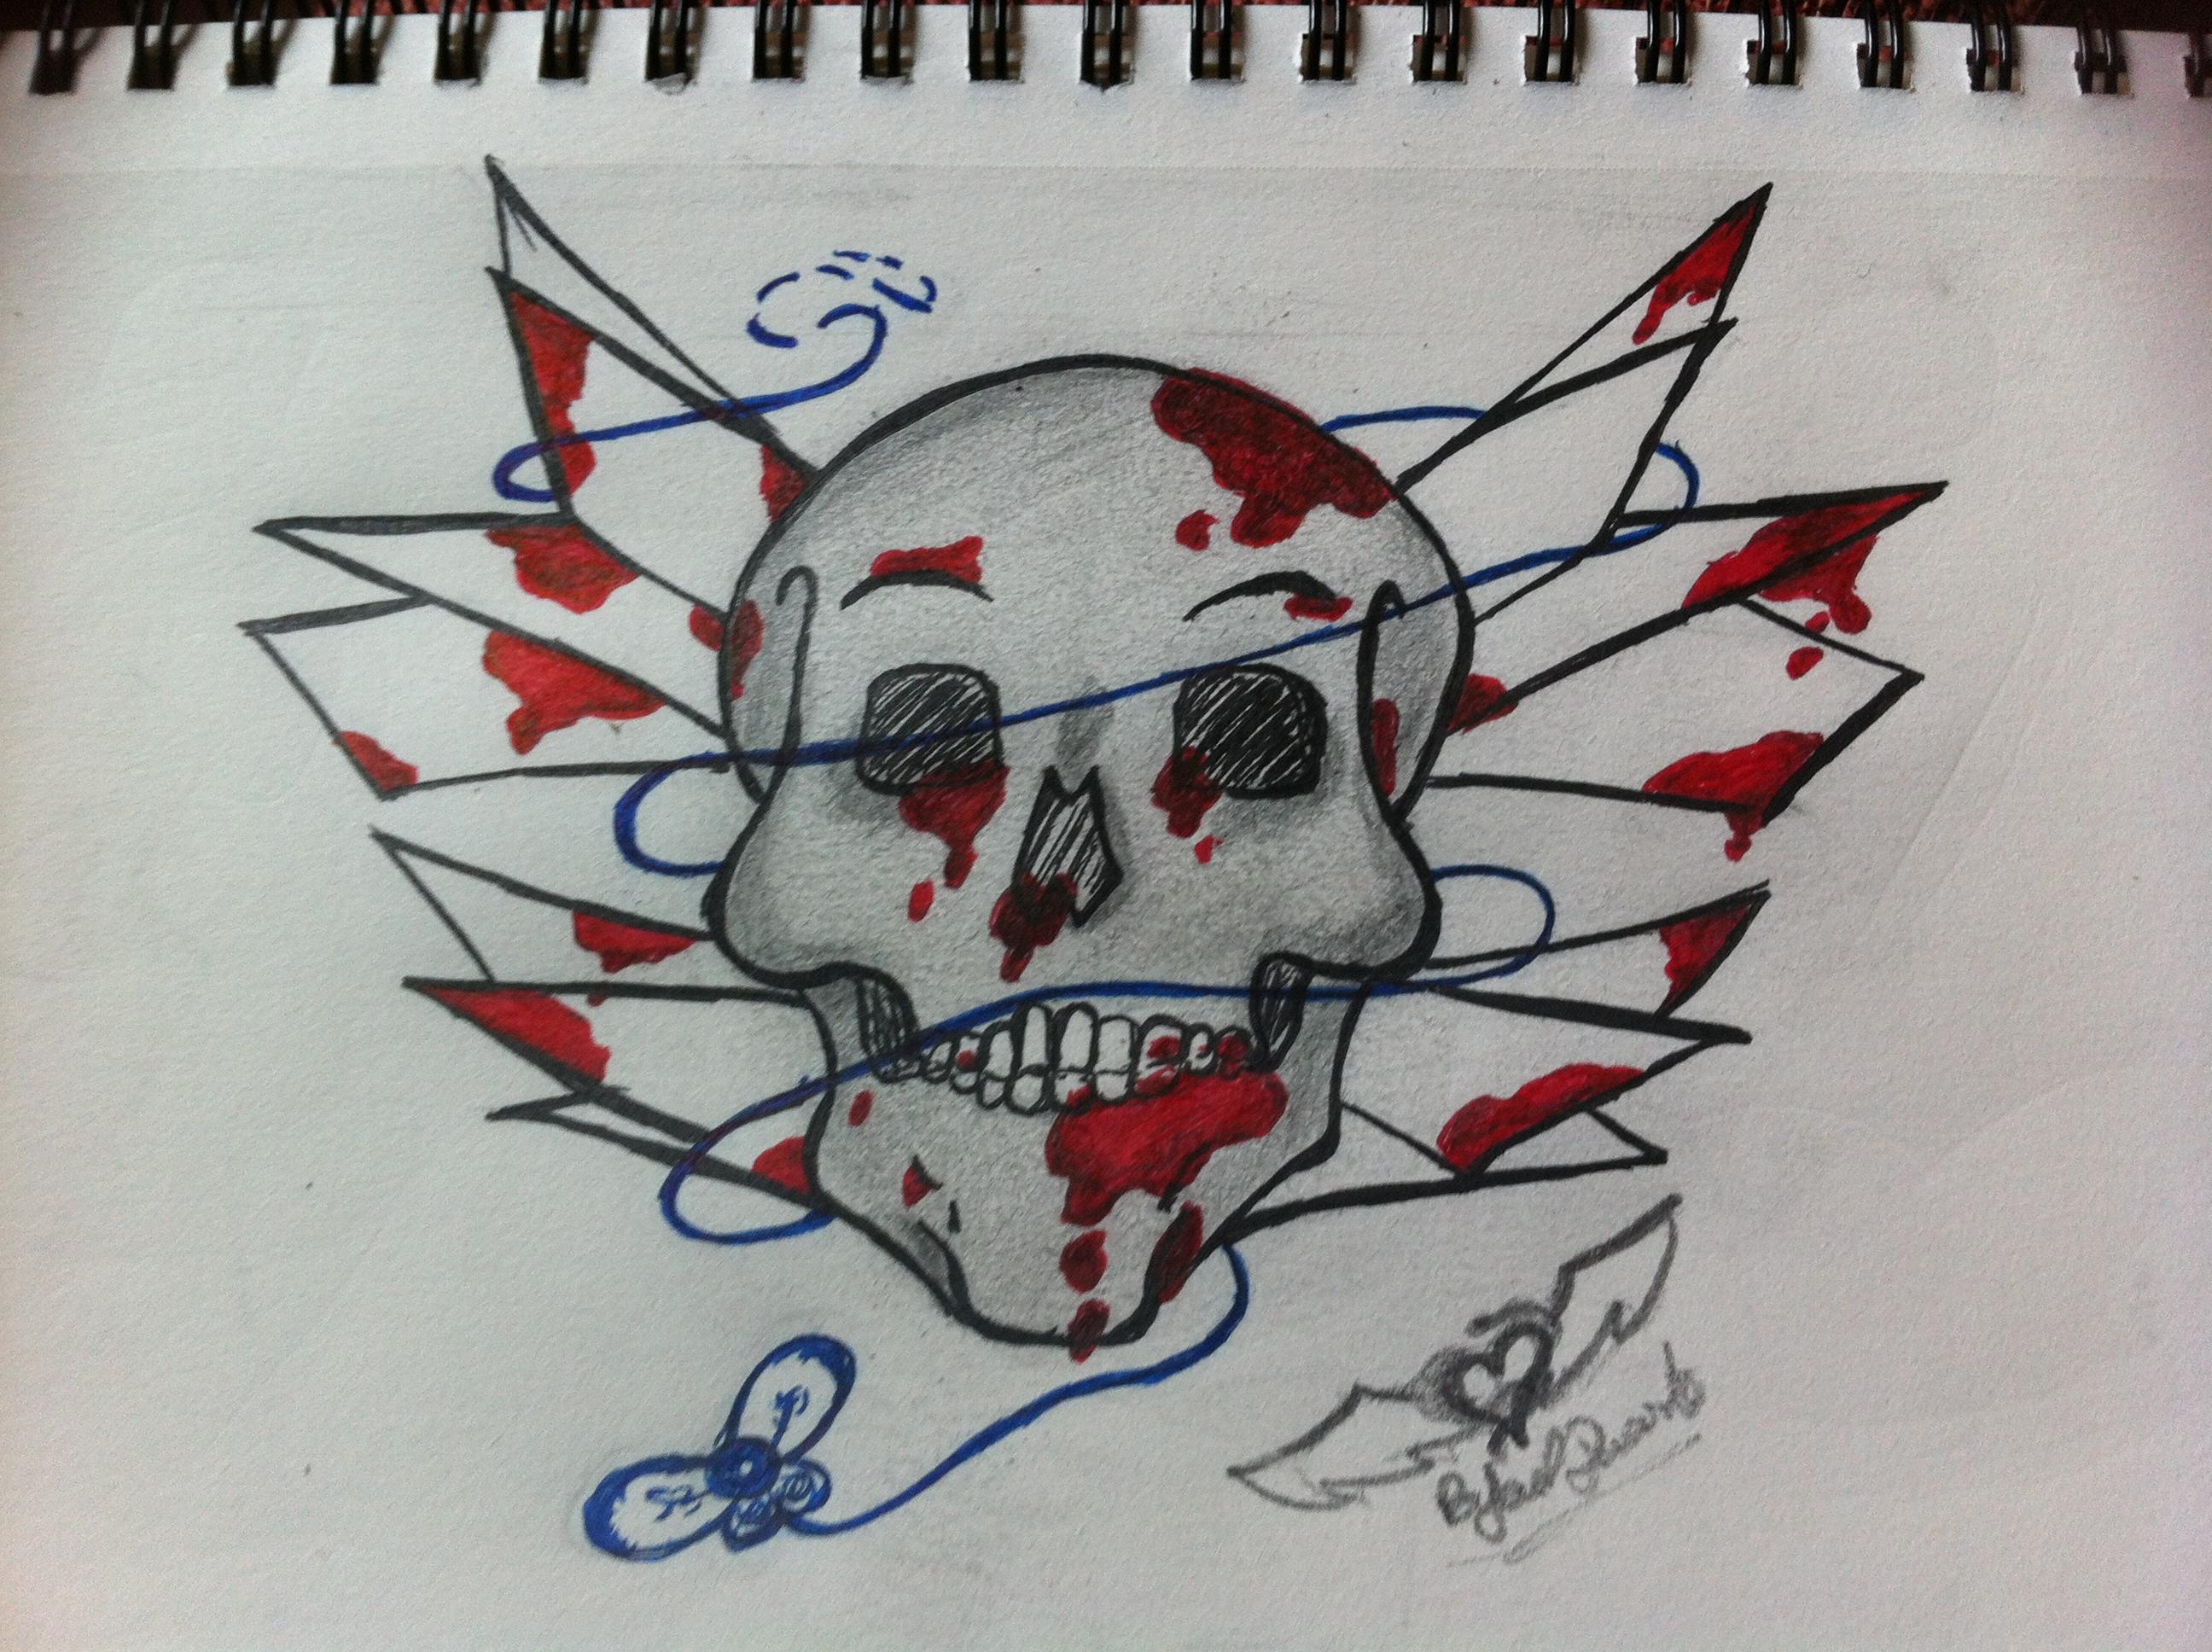 Deadly dead skull